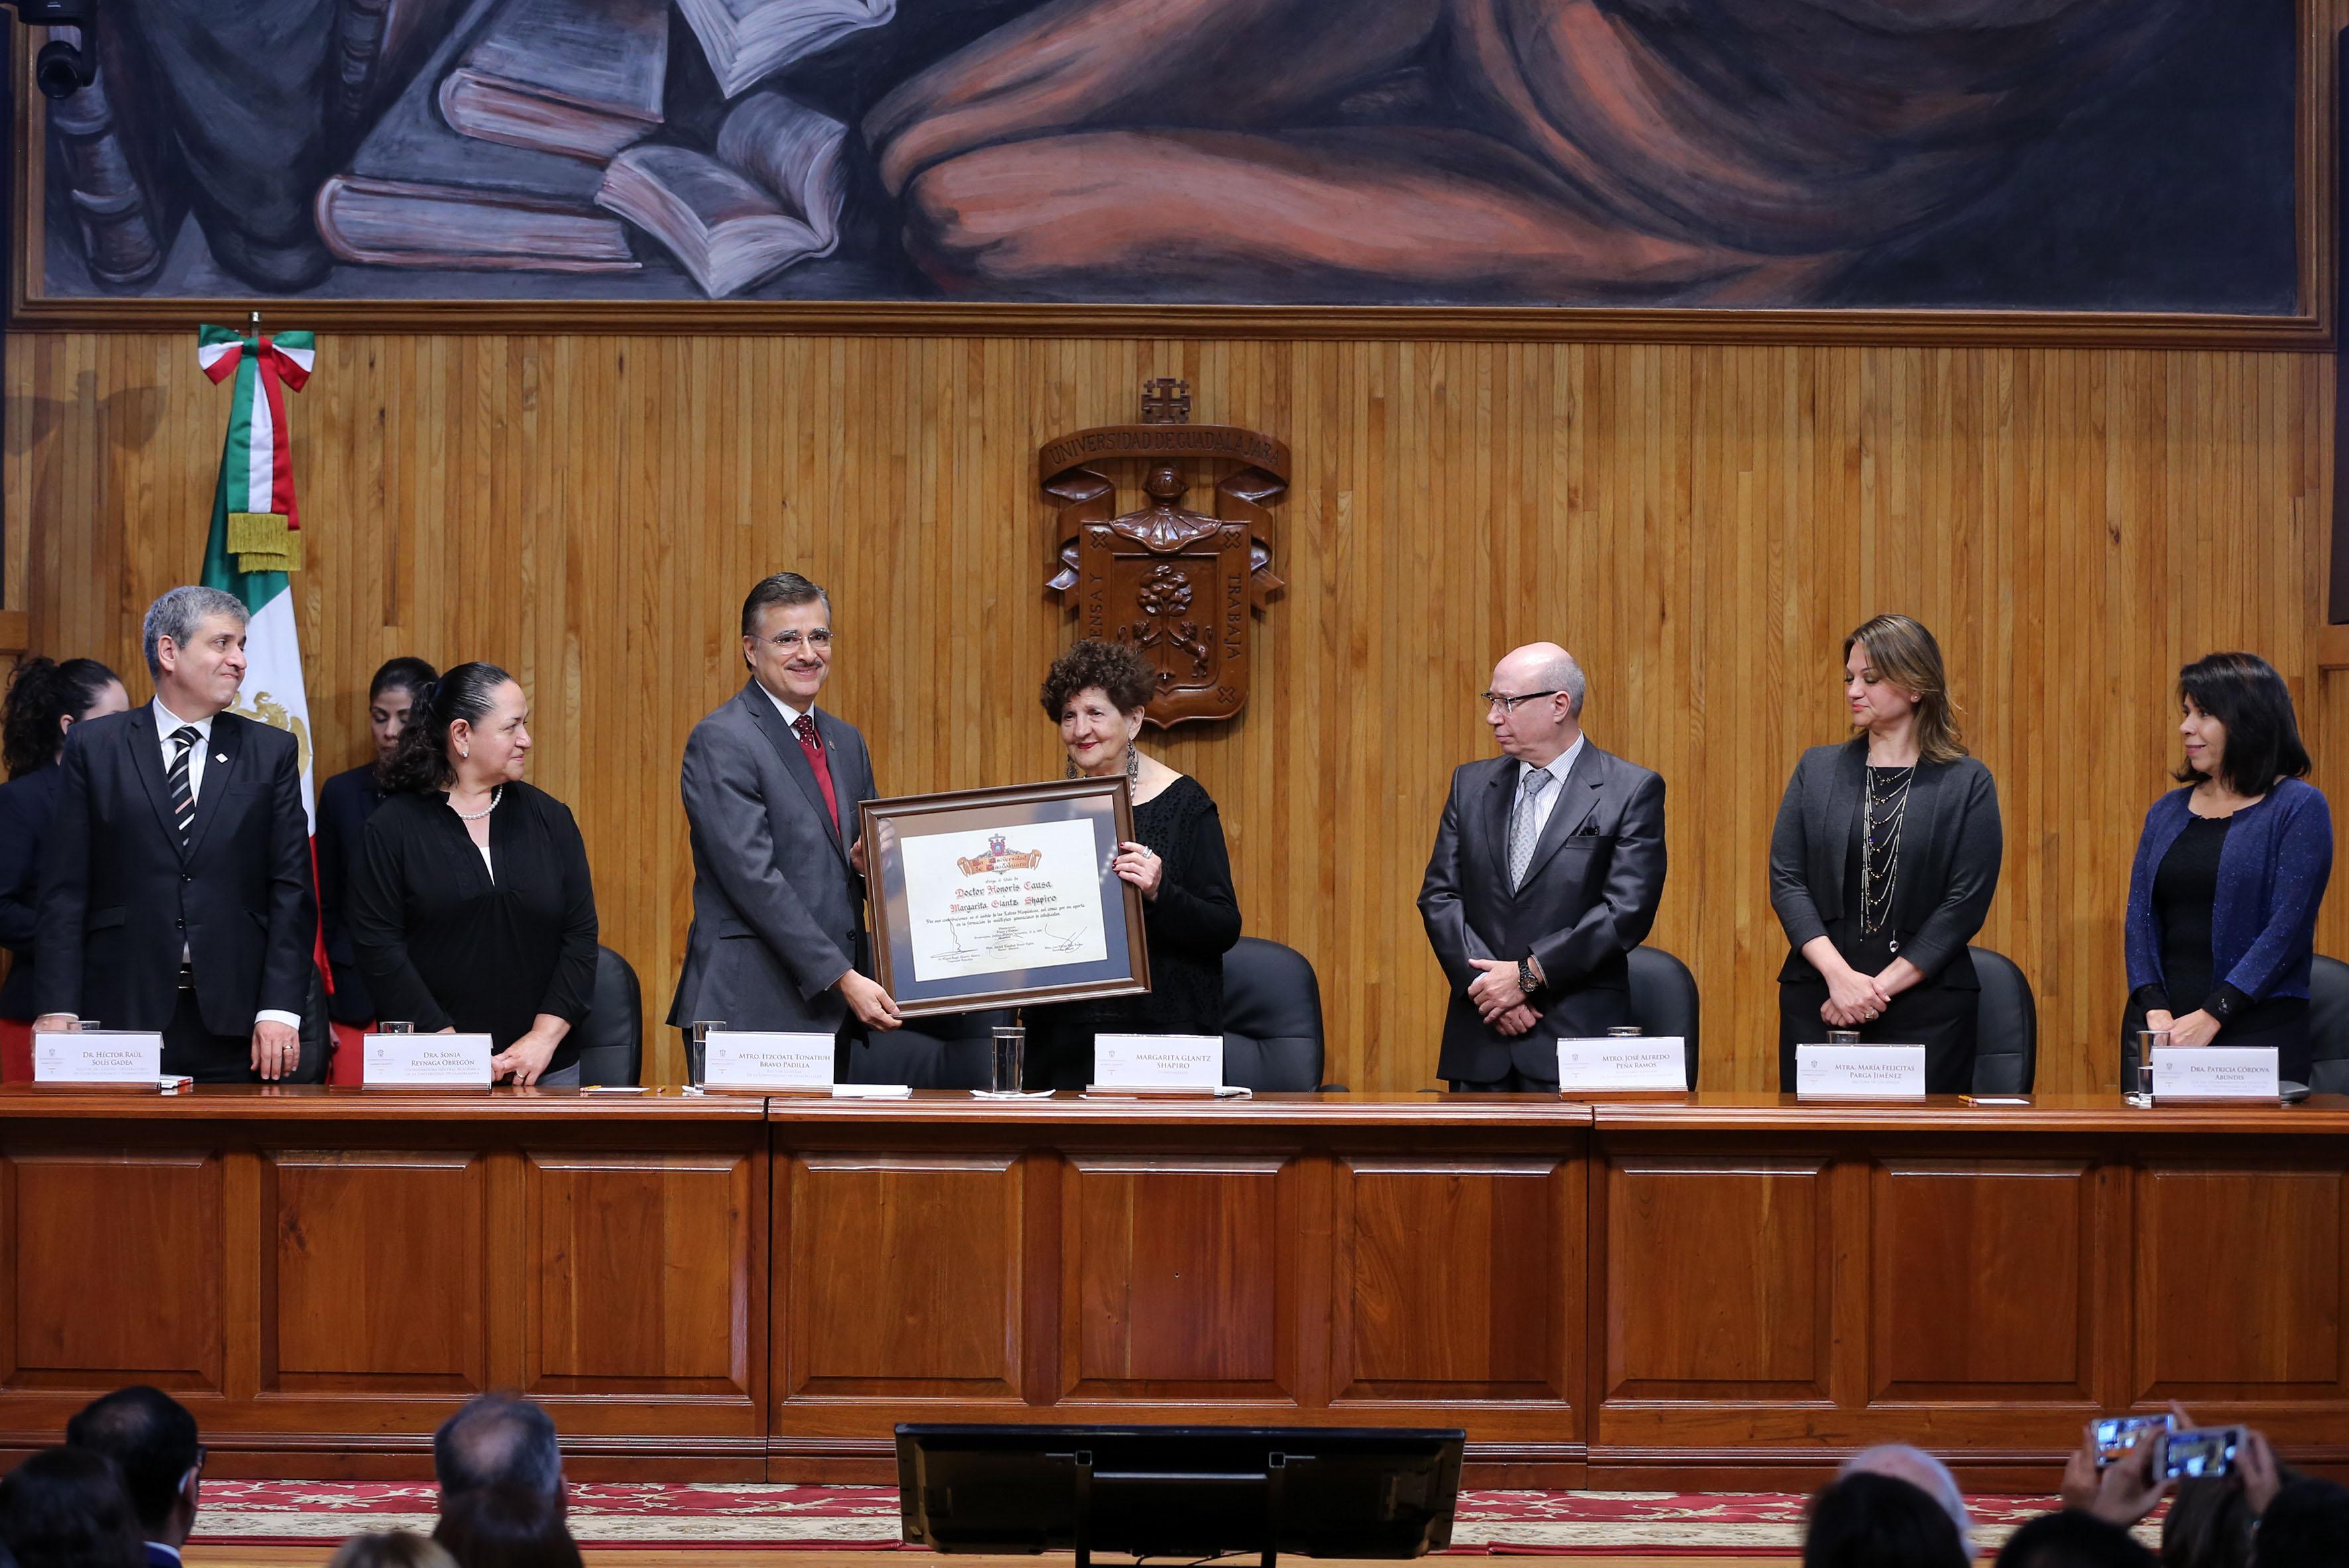 Escritora Margo Glantz Shapiro recibió el Doctorado Honoris causa por la Universidad de Guadalajara, de manos del Rector General, maestro Itzcóatl Tonatiuh Bravo Padilla.